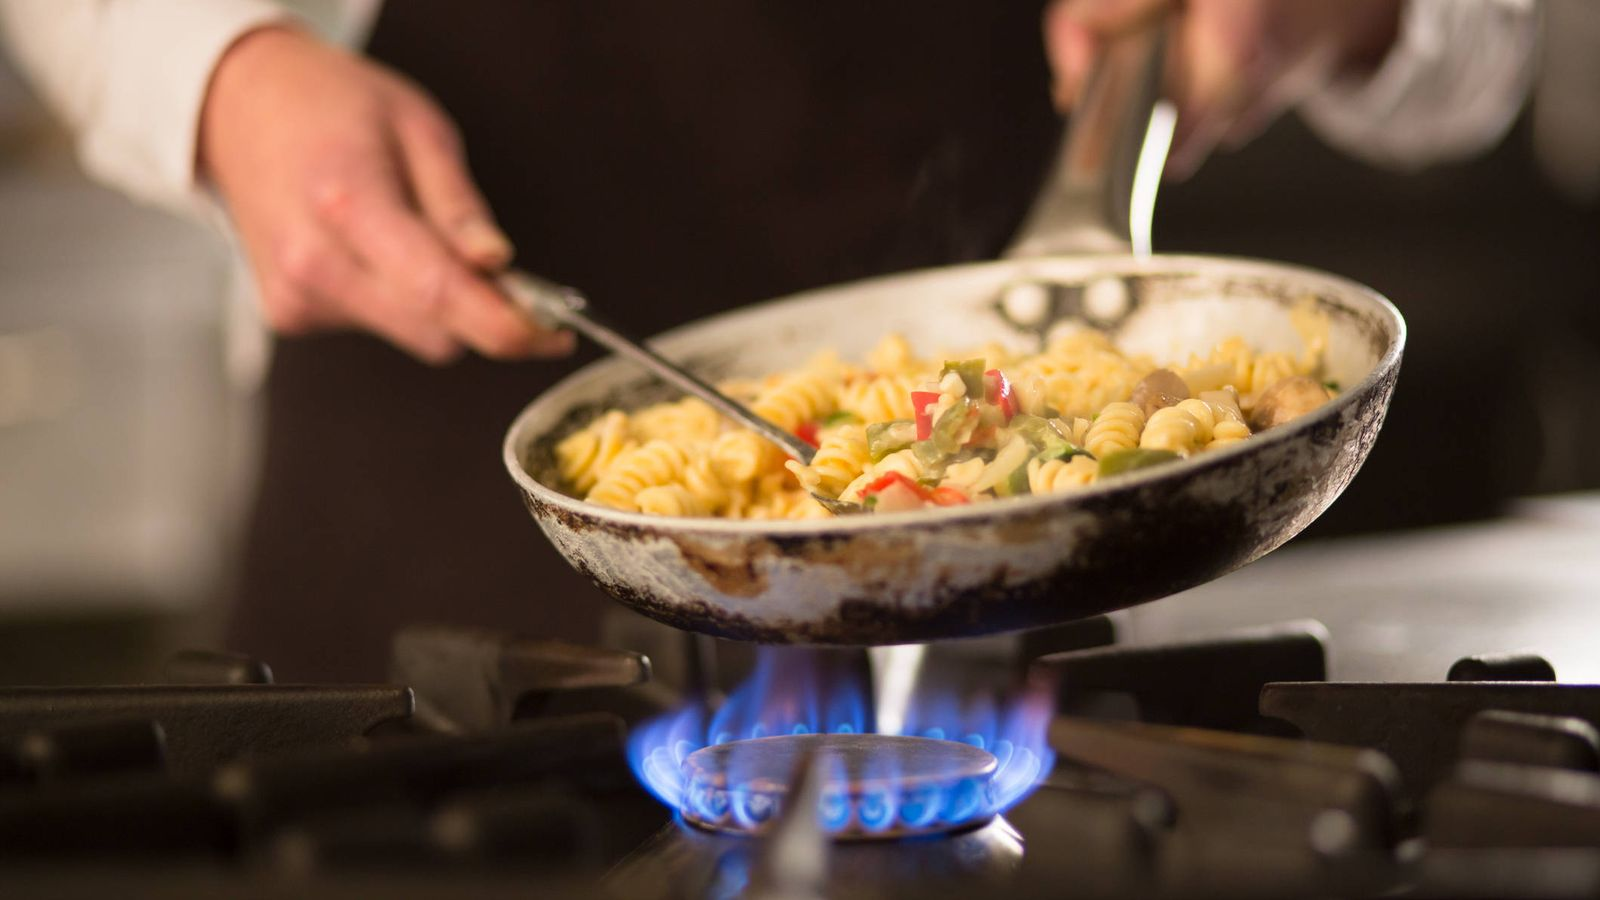 Aceites las 10 errores que cometes cocinando y que matan la comida - Cosas para cocinar ...